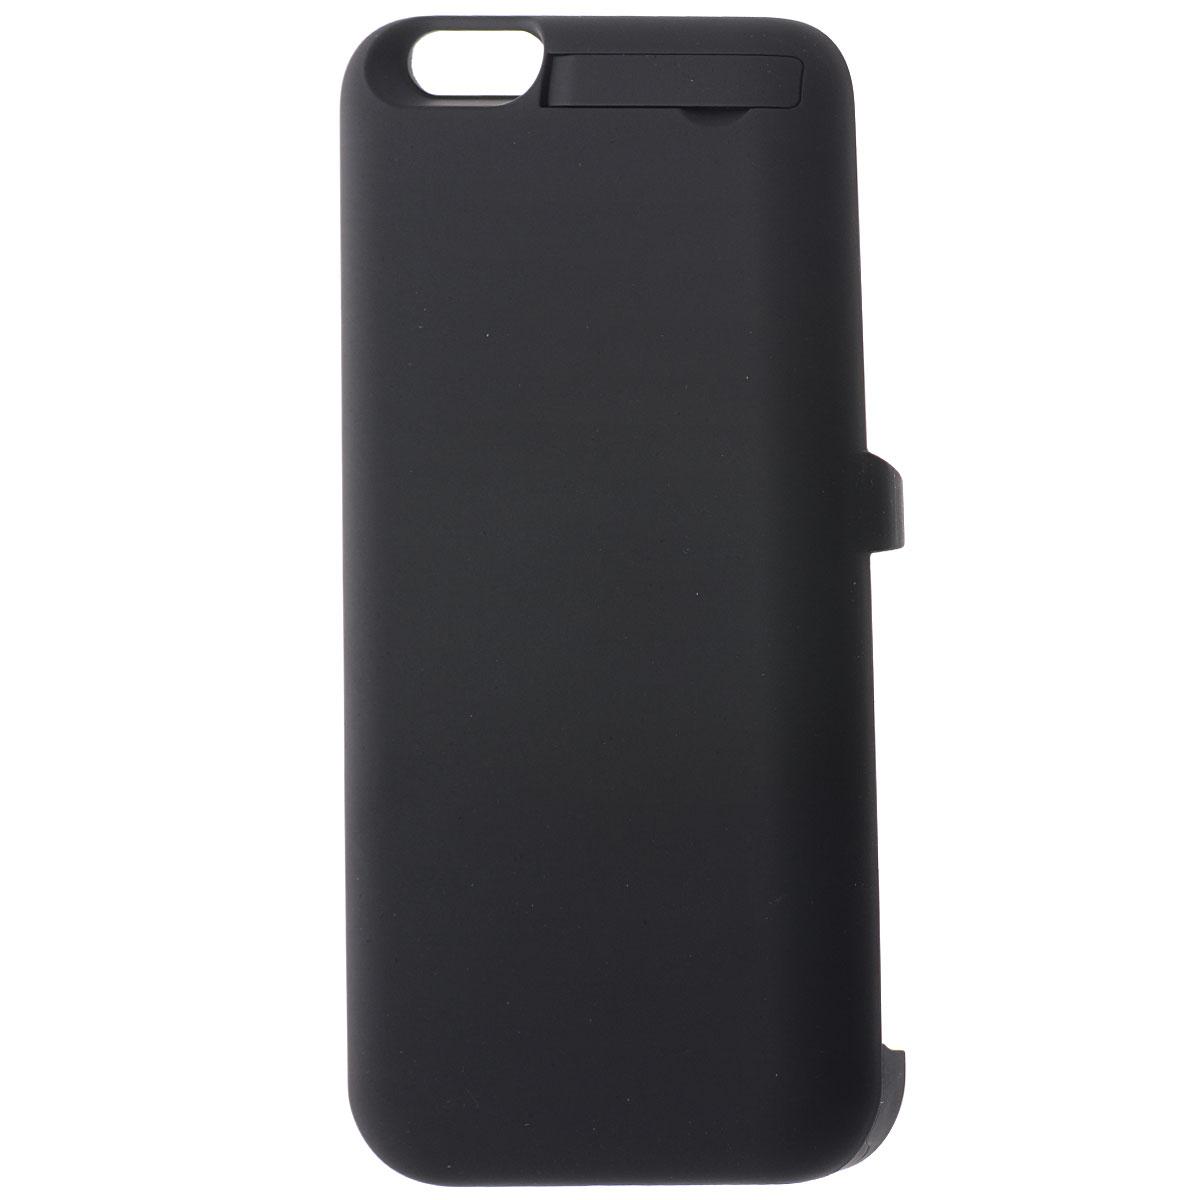 EXEQ HelpinG-iC08 чехол-аккумулятор для iPhone 6, Black (3300 мАч, клип-кейс)HelpinG-iC08 BLЧехол-аккумулятор EXEQ HelpinG-iC08 - это отличное решение для тех, кто не может долго обходиться без смартфона. После долгого использования, как известно, современные телефоны быстро разряжаются. С выходом нового iPhone 6-го поколения, данный стильный портативный аккумулятор просто незаменим. С помощью портативного зарядного устройства вы сможете зарядить свой смартфон абсолютно везде: будь то на улице, в общественном транспорте или в любом другом месте, где рядом не оказалось розетки. Чехол-аккумулятор HelpinG-iC08 заряжает ваш телефон до 100 % и автоматически отключается. Заряда хватает на длительное время. Данное зарядное устройство обладает 4-мя индикаторами состояния заряда батареи. Аккумулятор очень легкий, Вам нет необходимости брать с собой зарядные устройства с проводом, которые путаются в сумке. Такой аккумулятор можно использовать несколько дней! Это устройство такое компактное, что поместится в вашем кармане, либо в сумке. Такой...